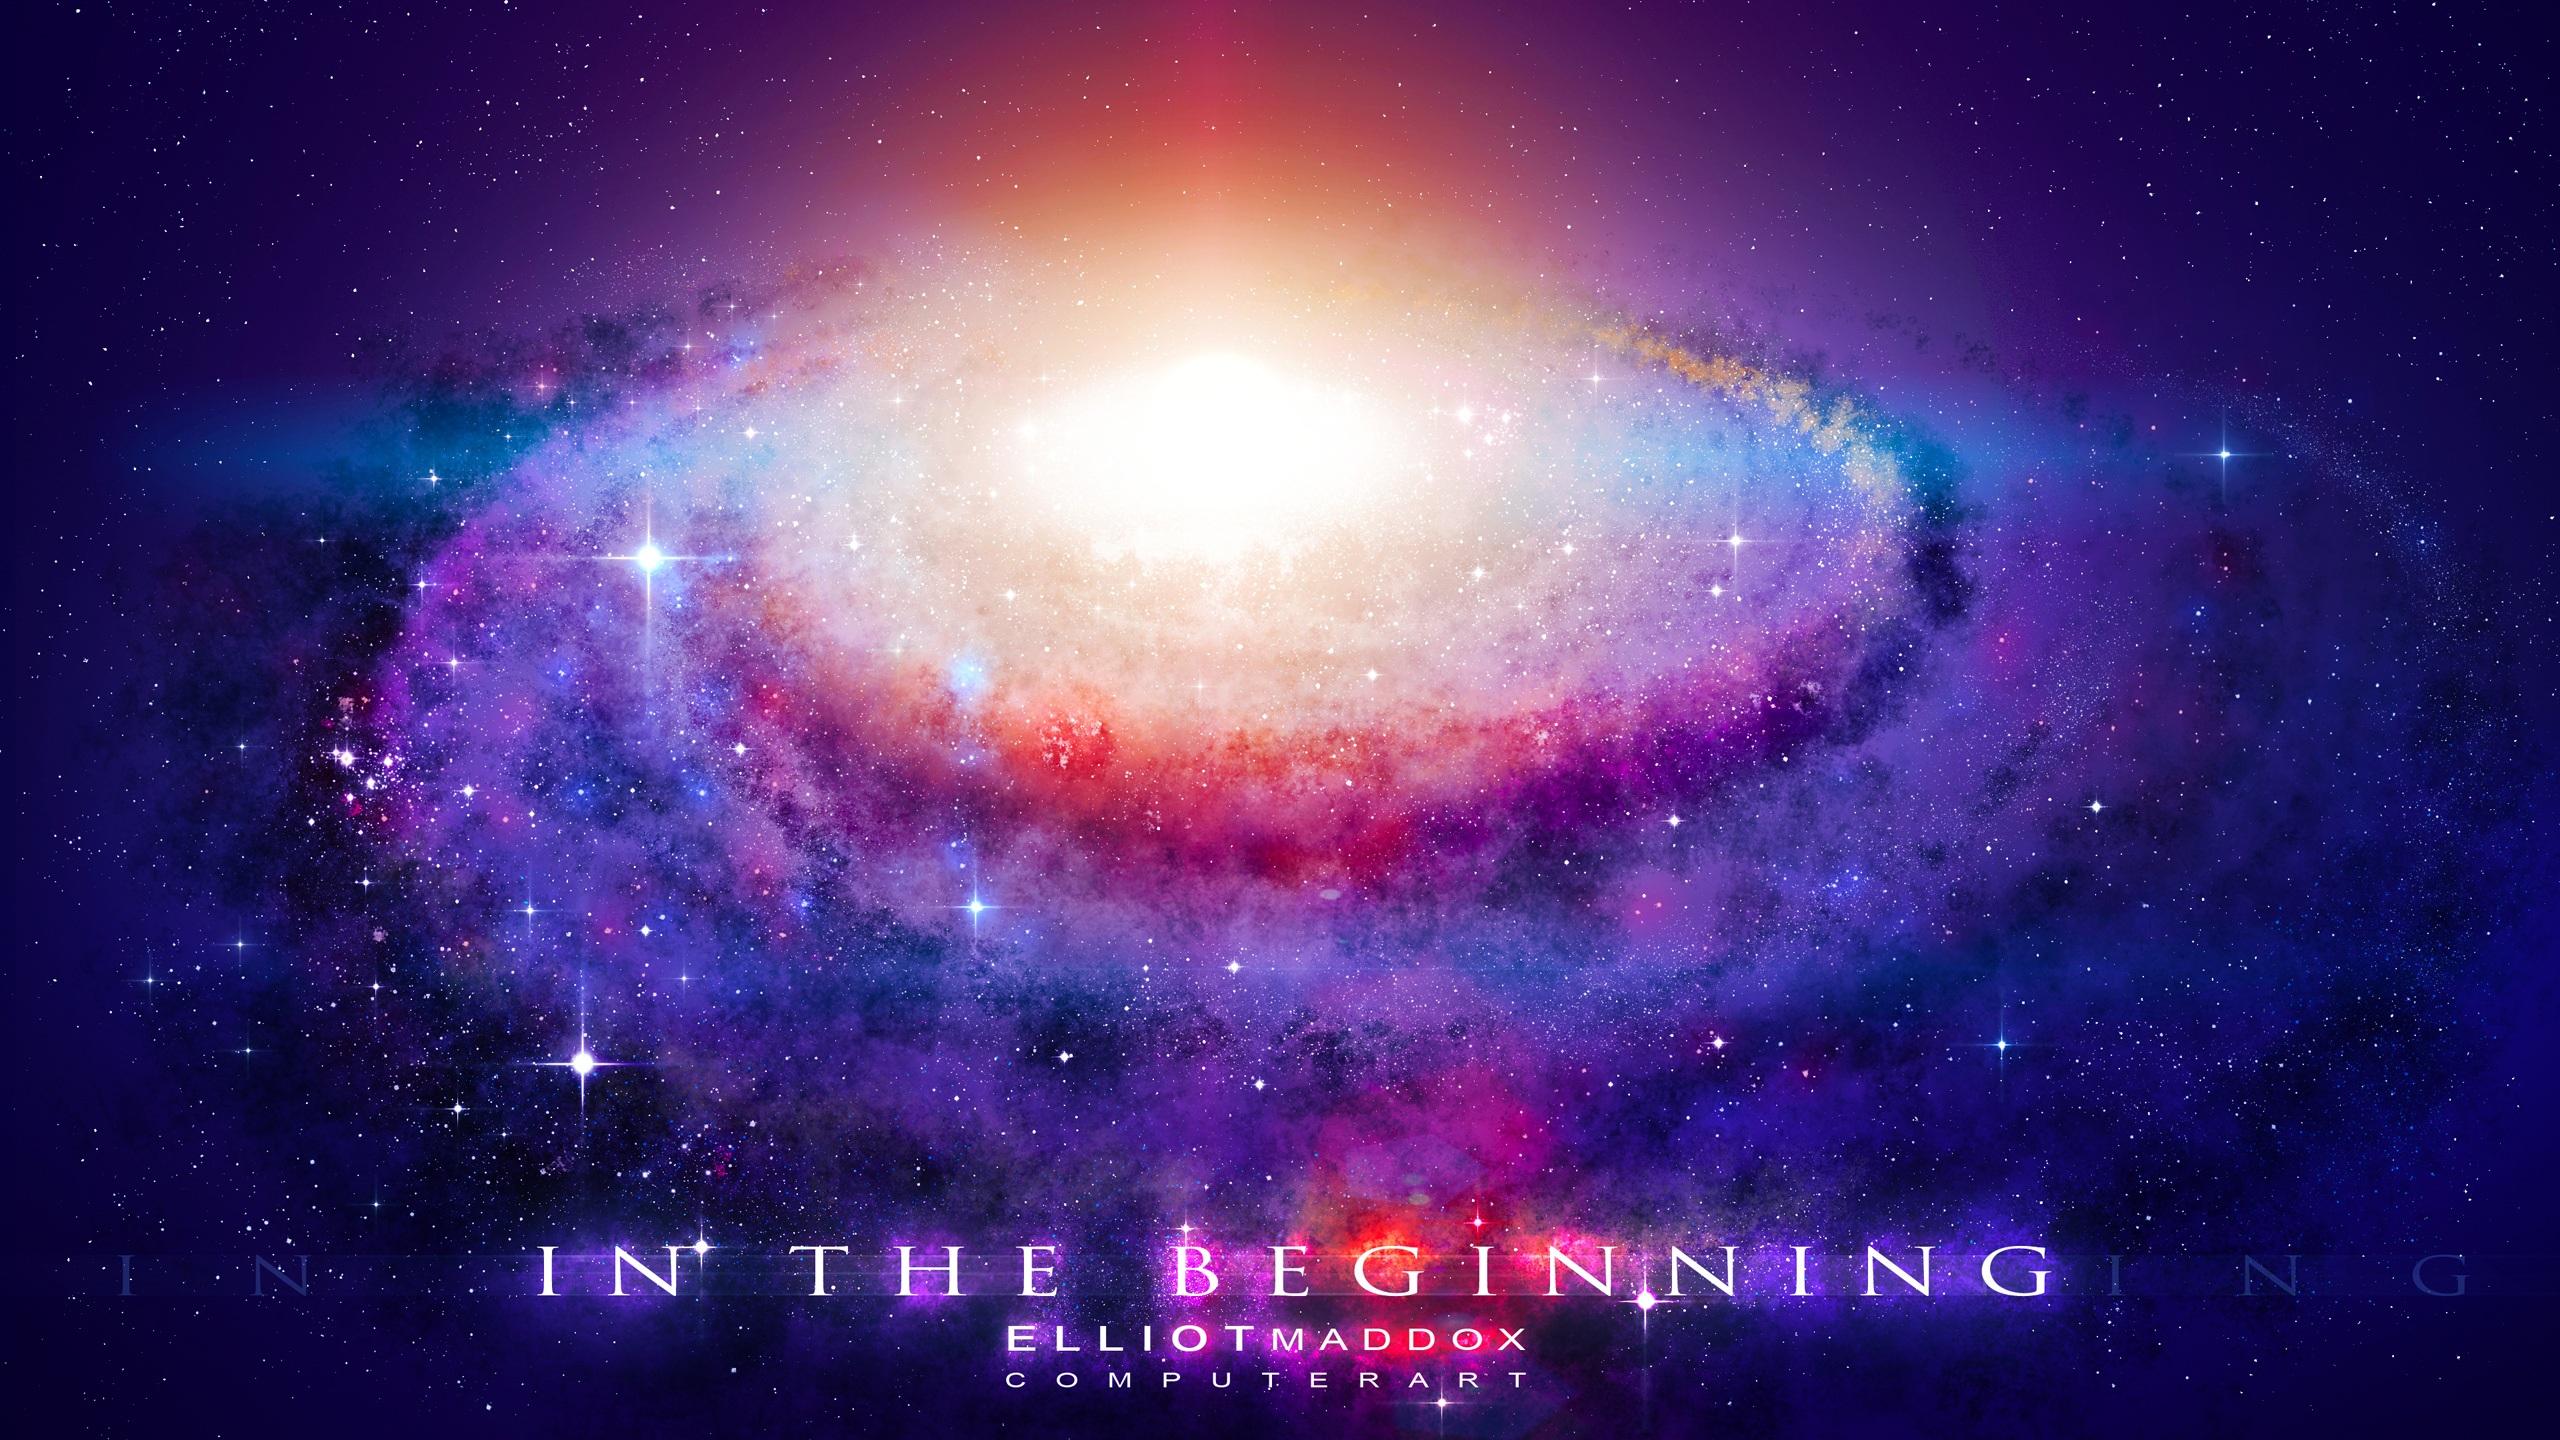 Fonds d 39 cran la puissante nergie du big bang 2560x1440 for Fond ecran qhd